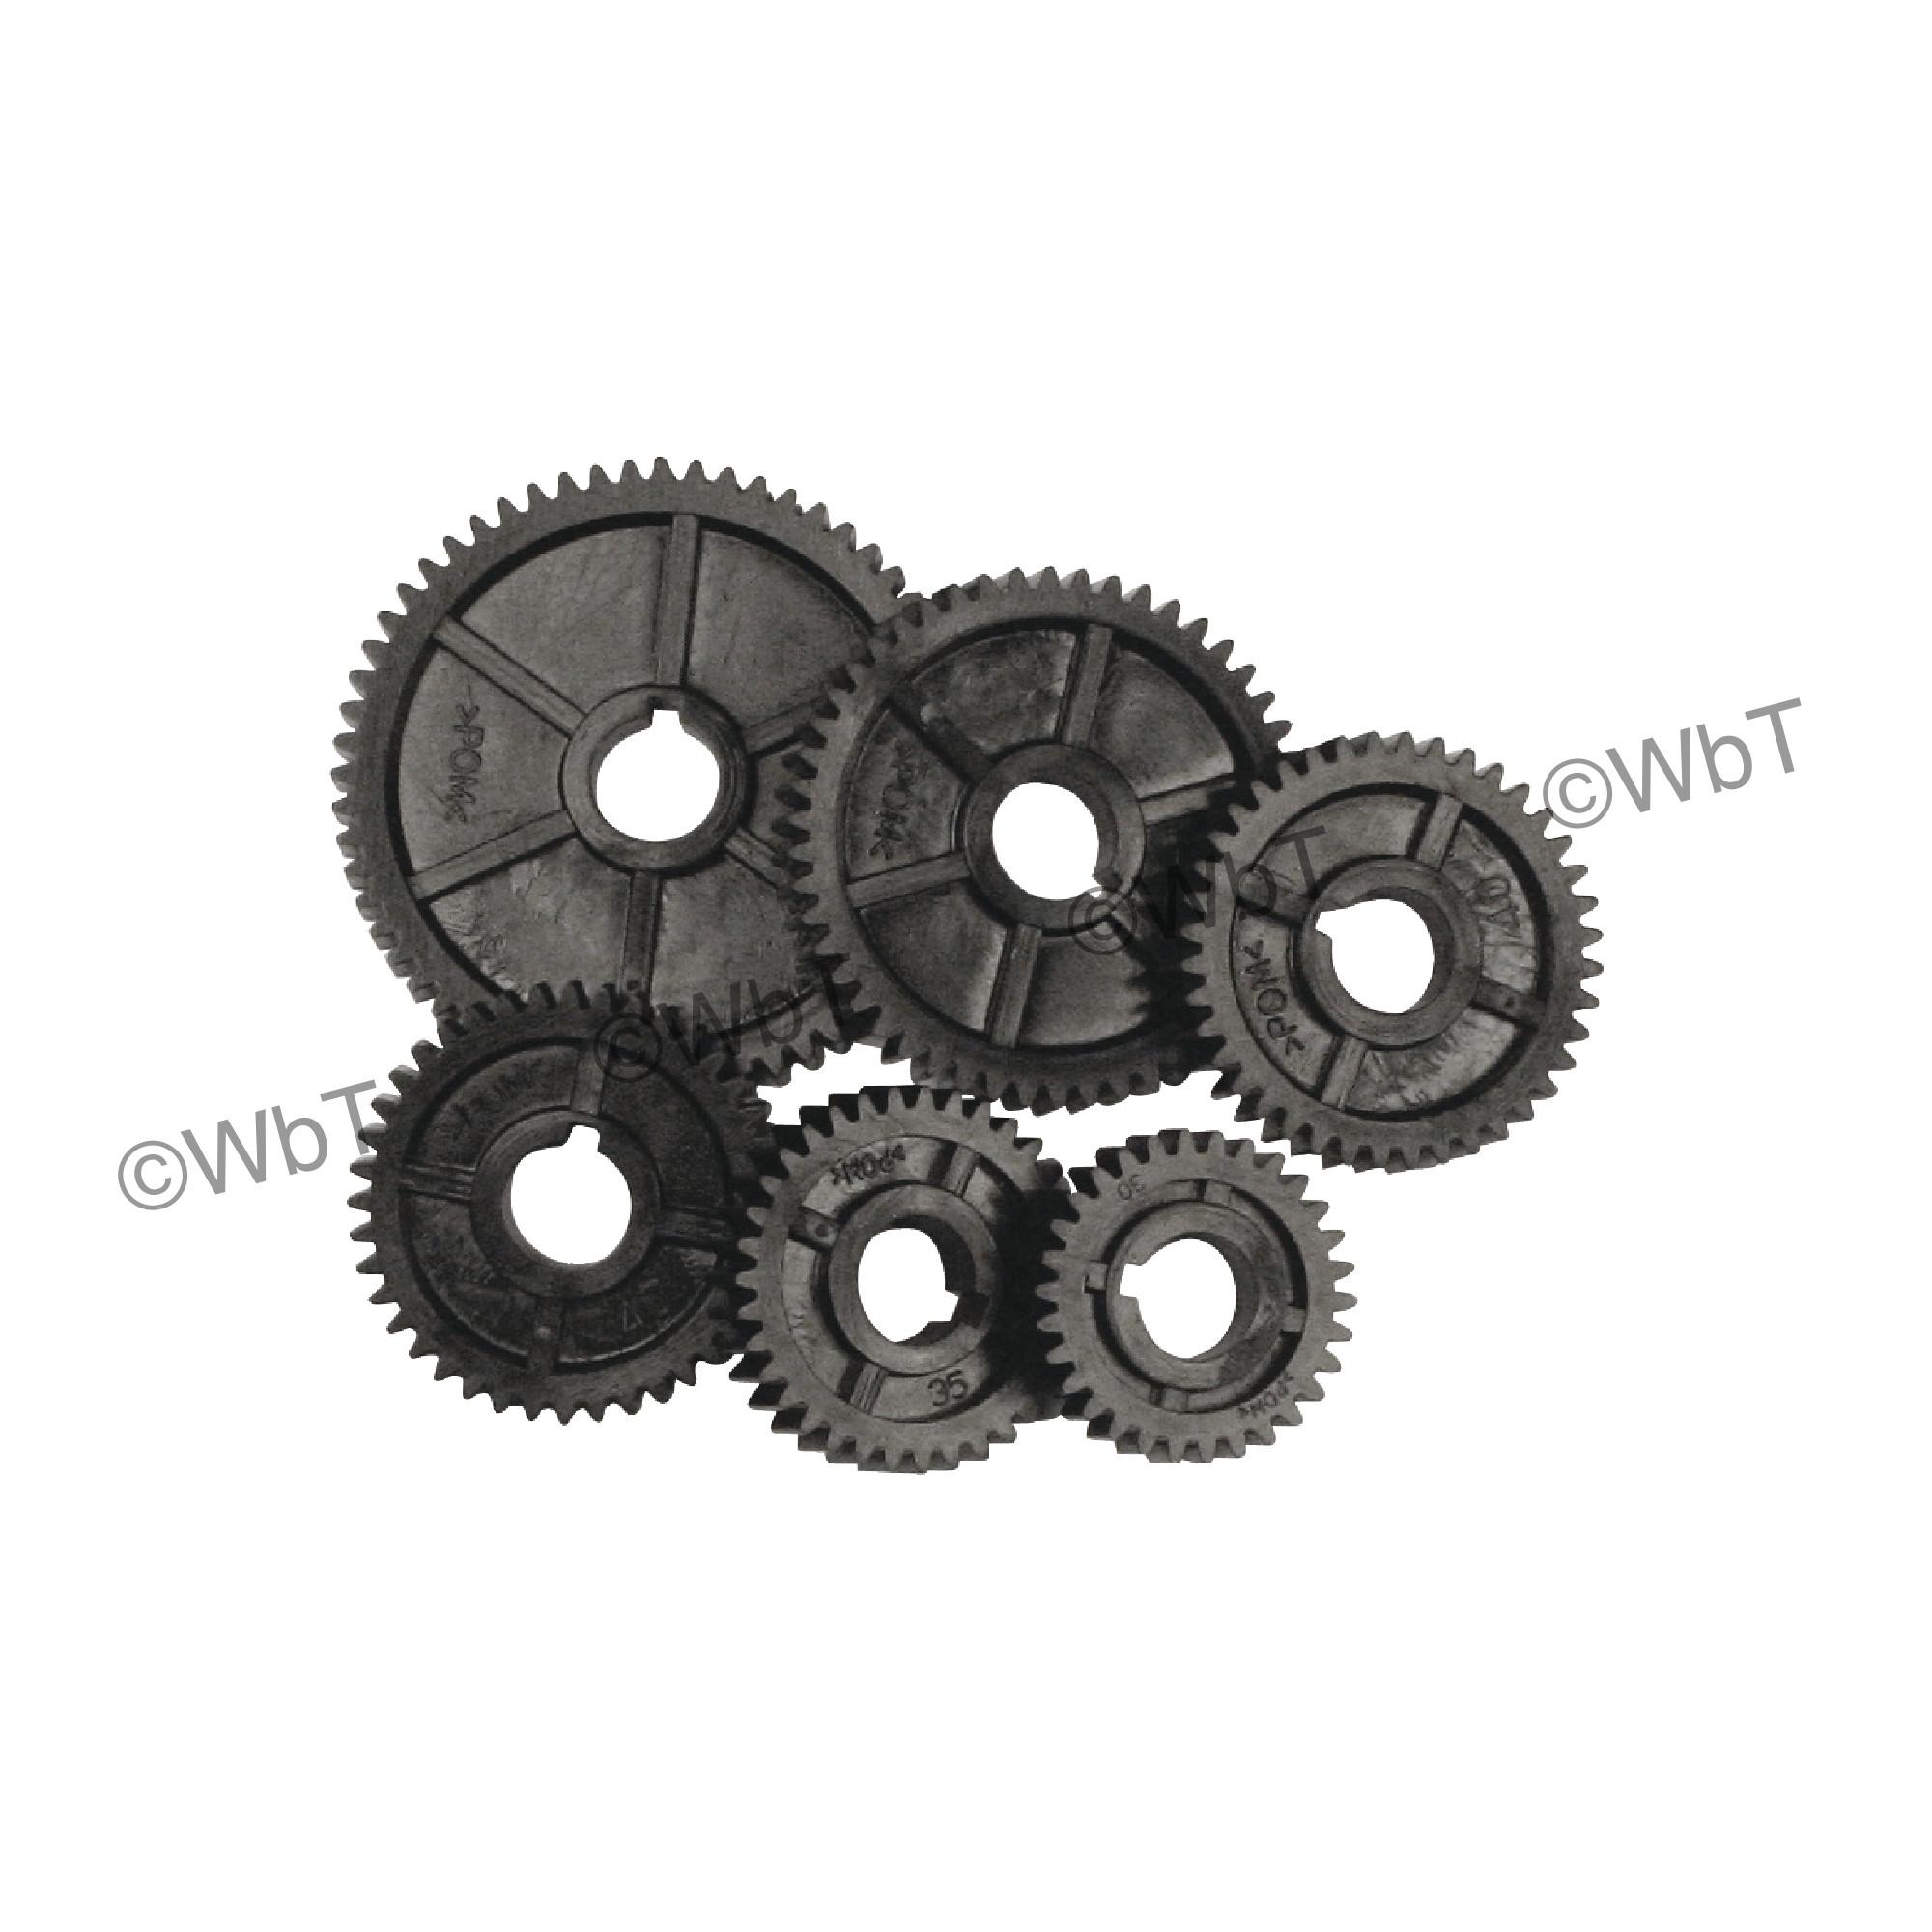 Metric Thread Cutting Gears for C2 Mini Lathe